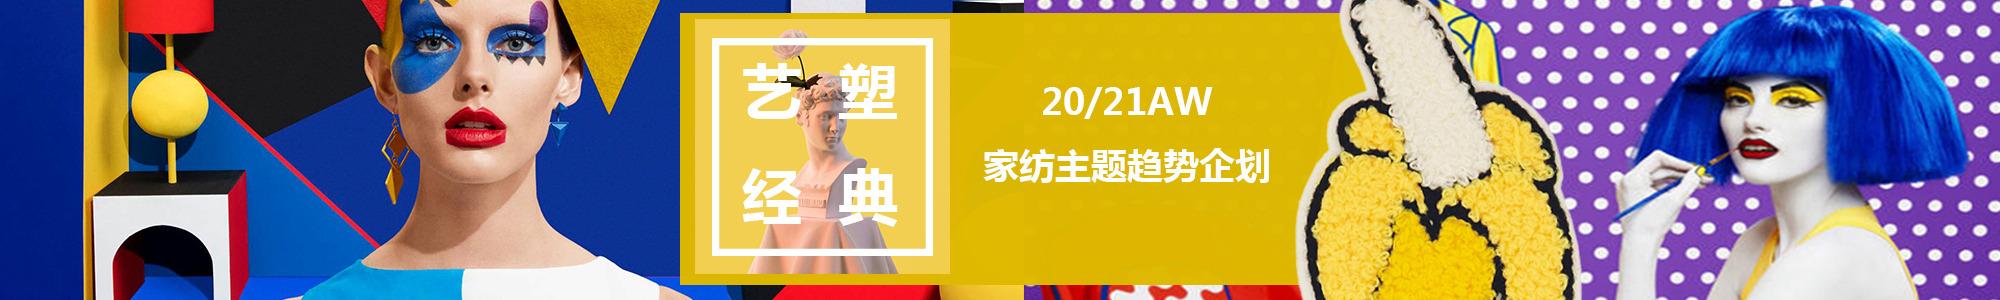 20/21秋冬家纺主题趋势展望--艺塑经典